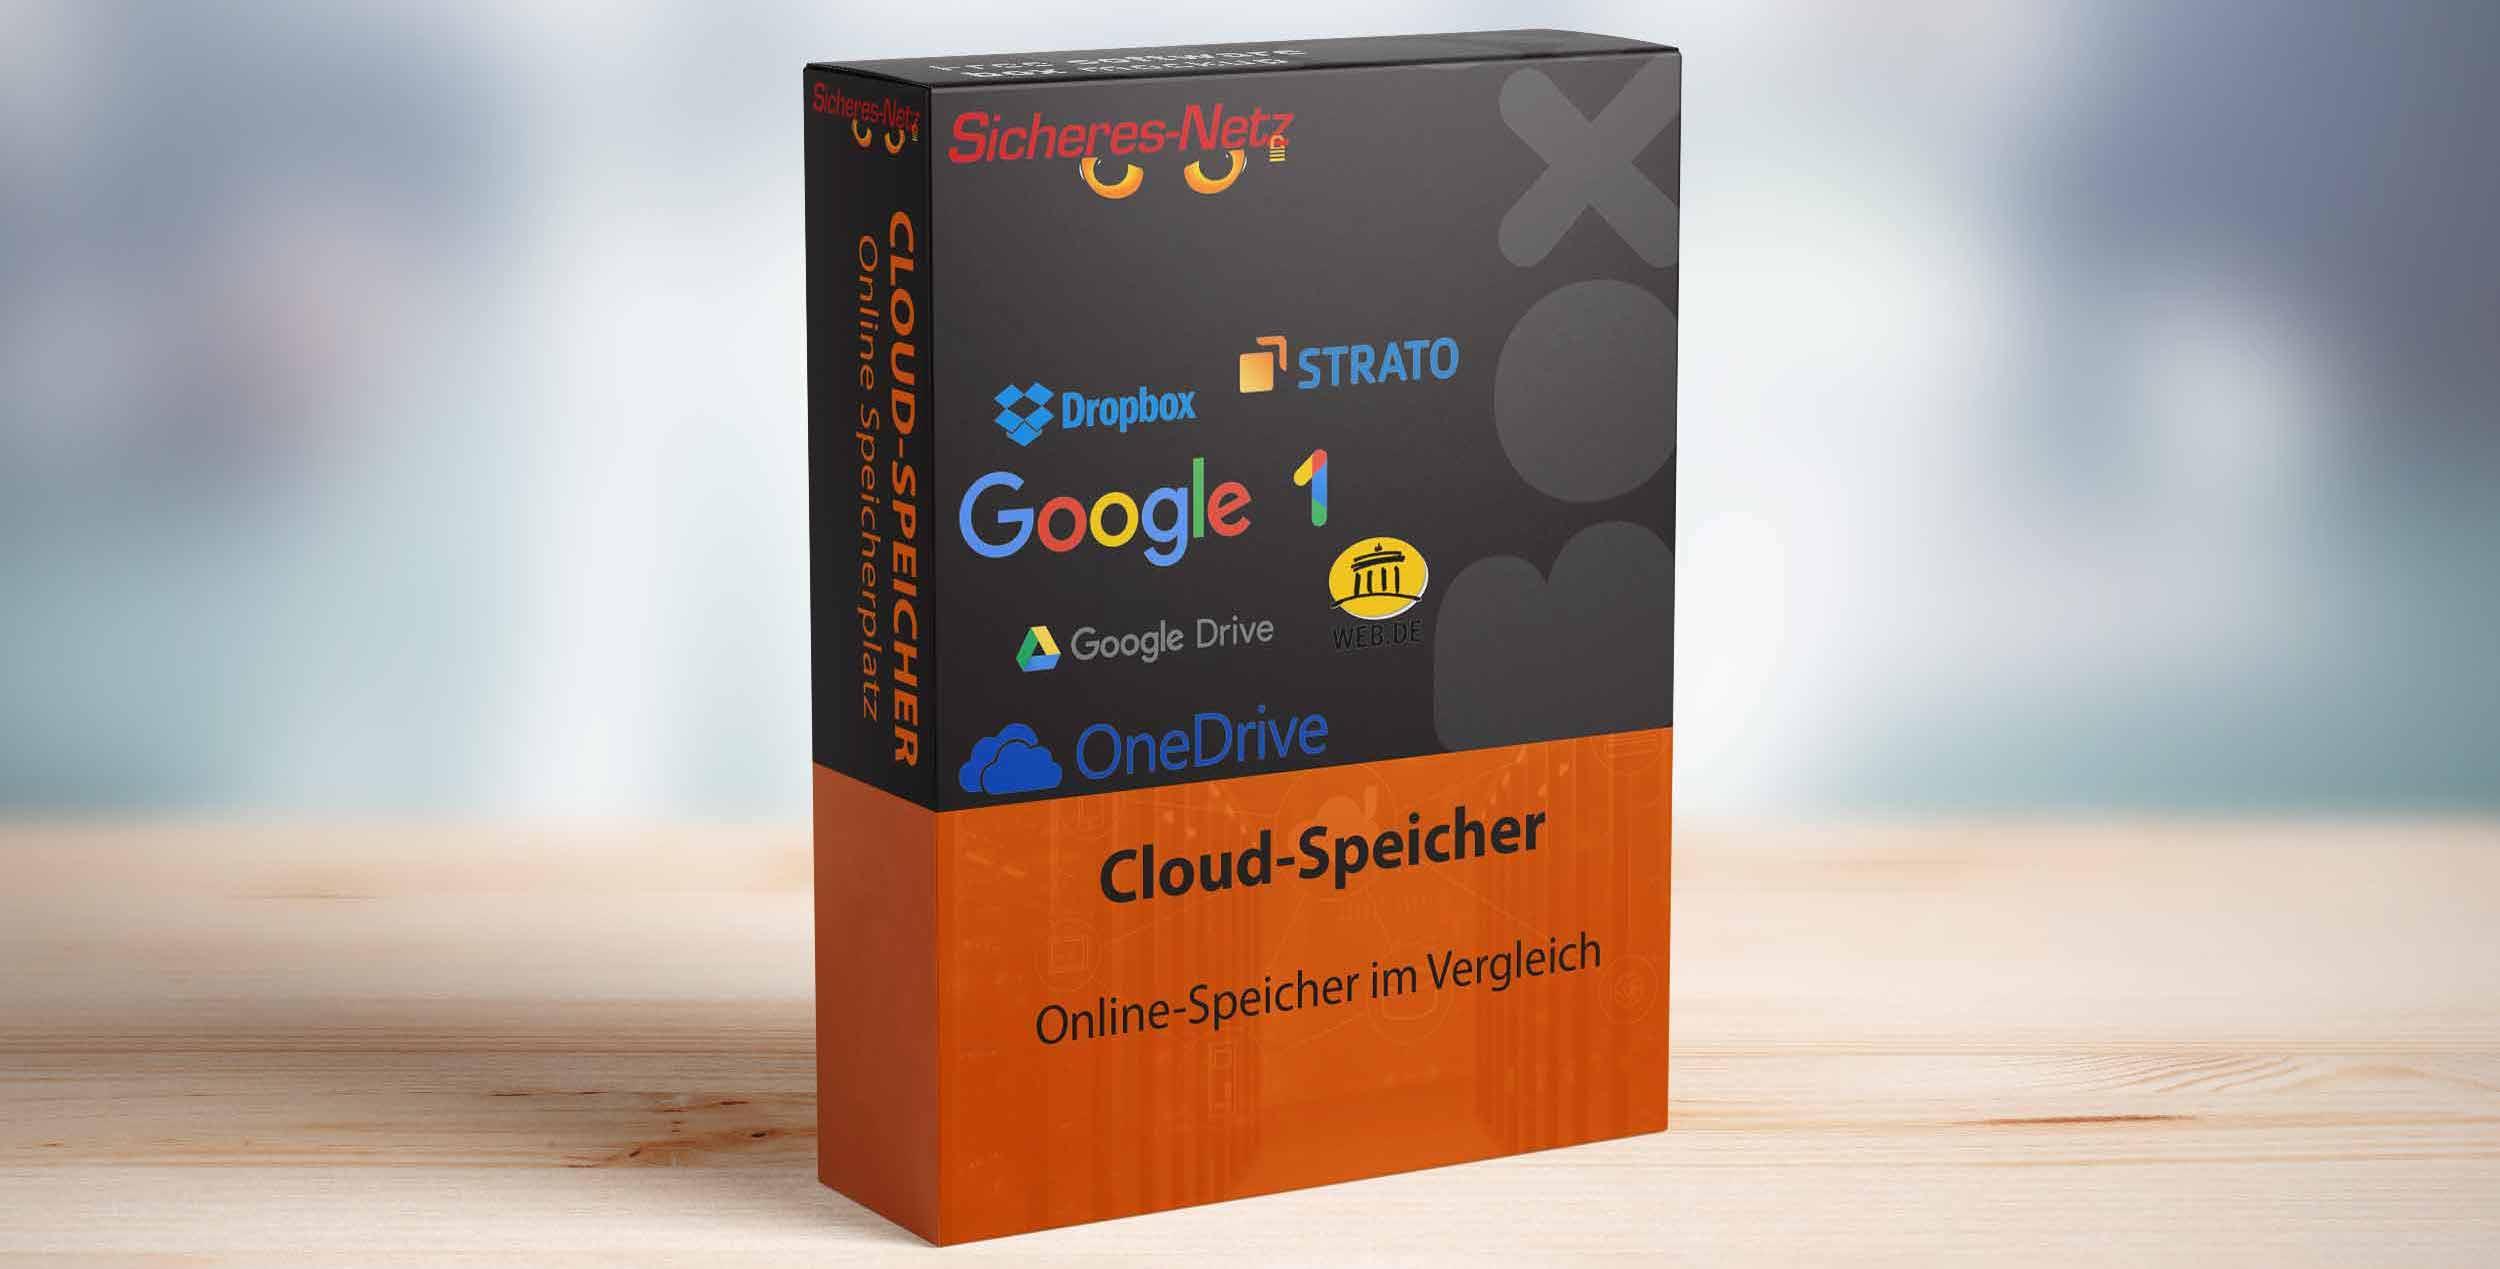 Cloud-Speicher - Online Speicher: Online Speicherplatz in der Cloud - Alle Anbieter und Tarife auf einen Blick - kostenlos